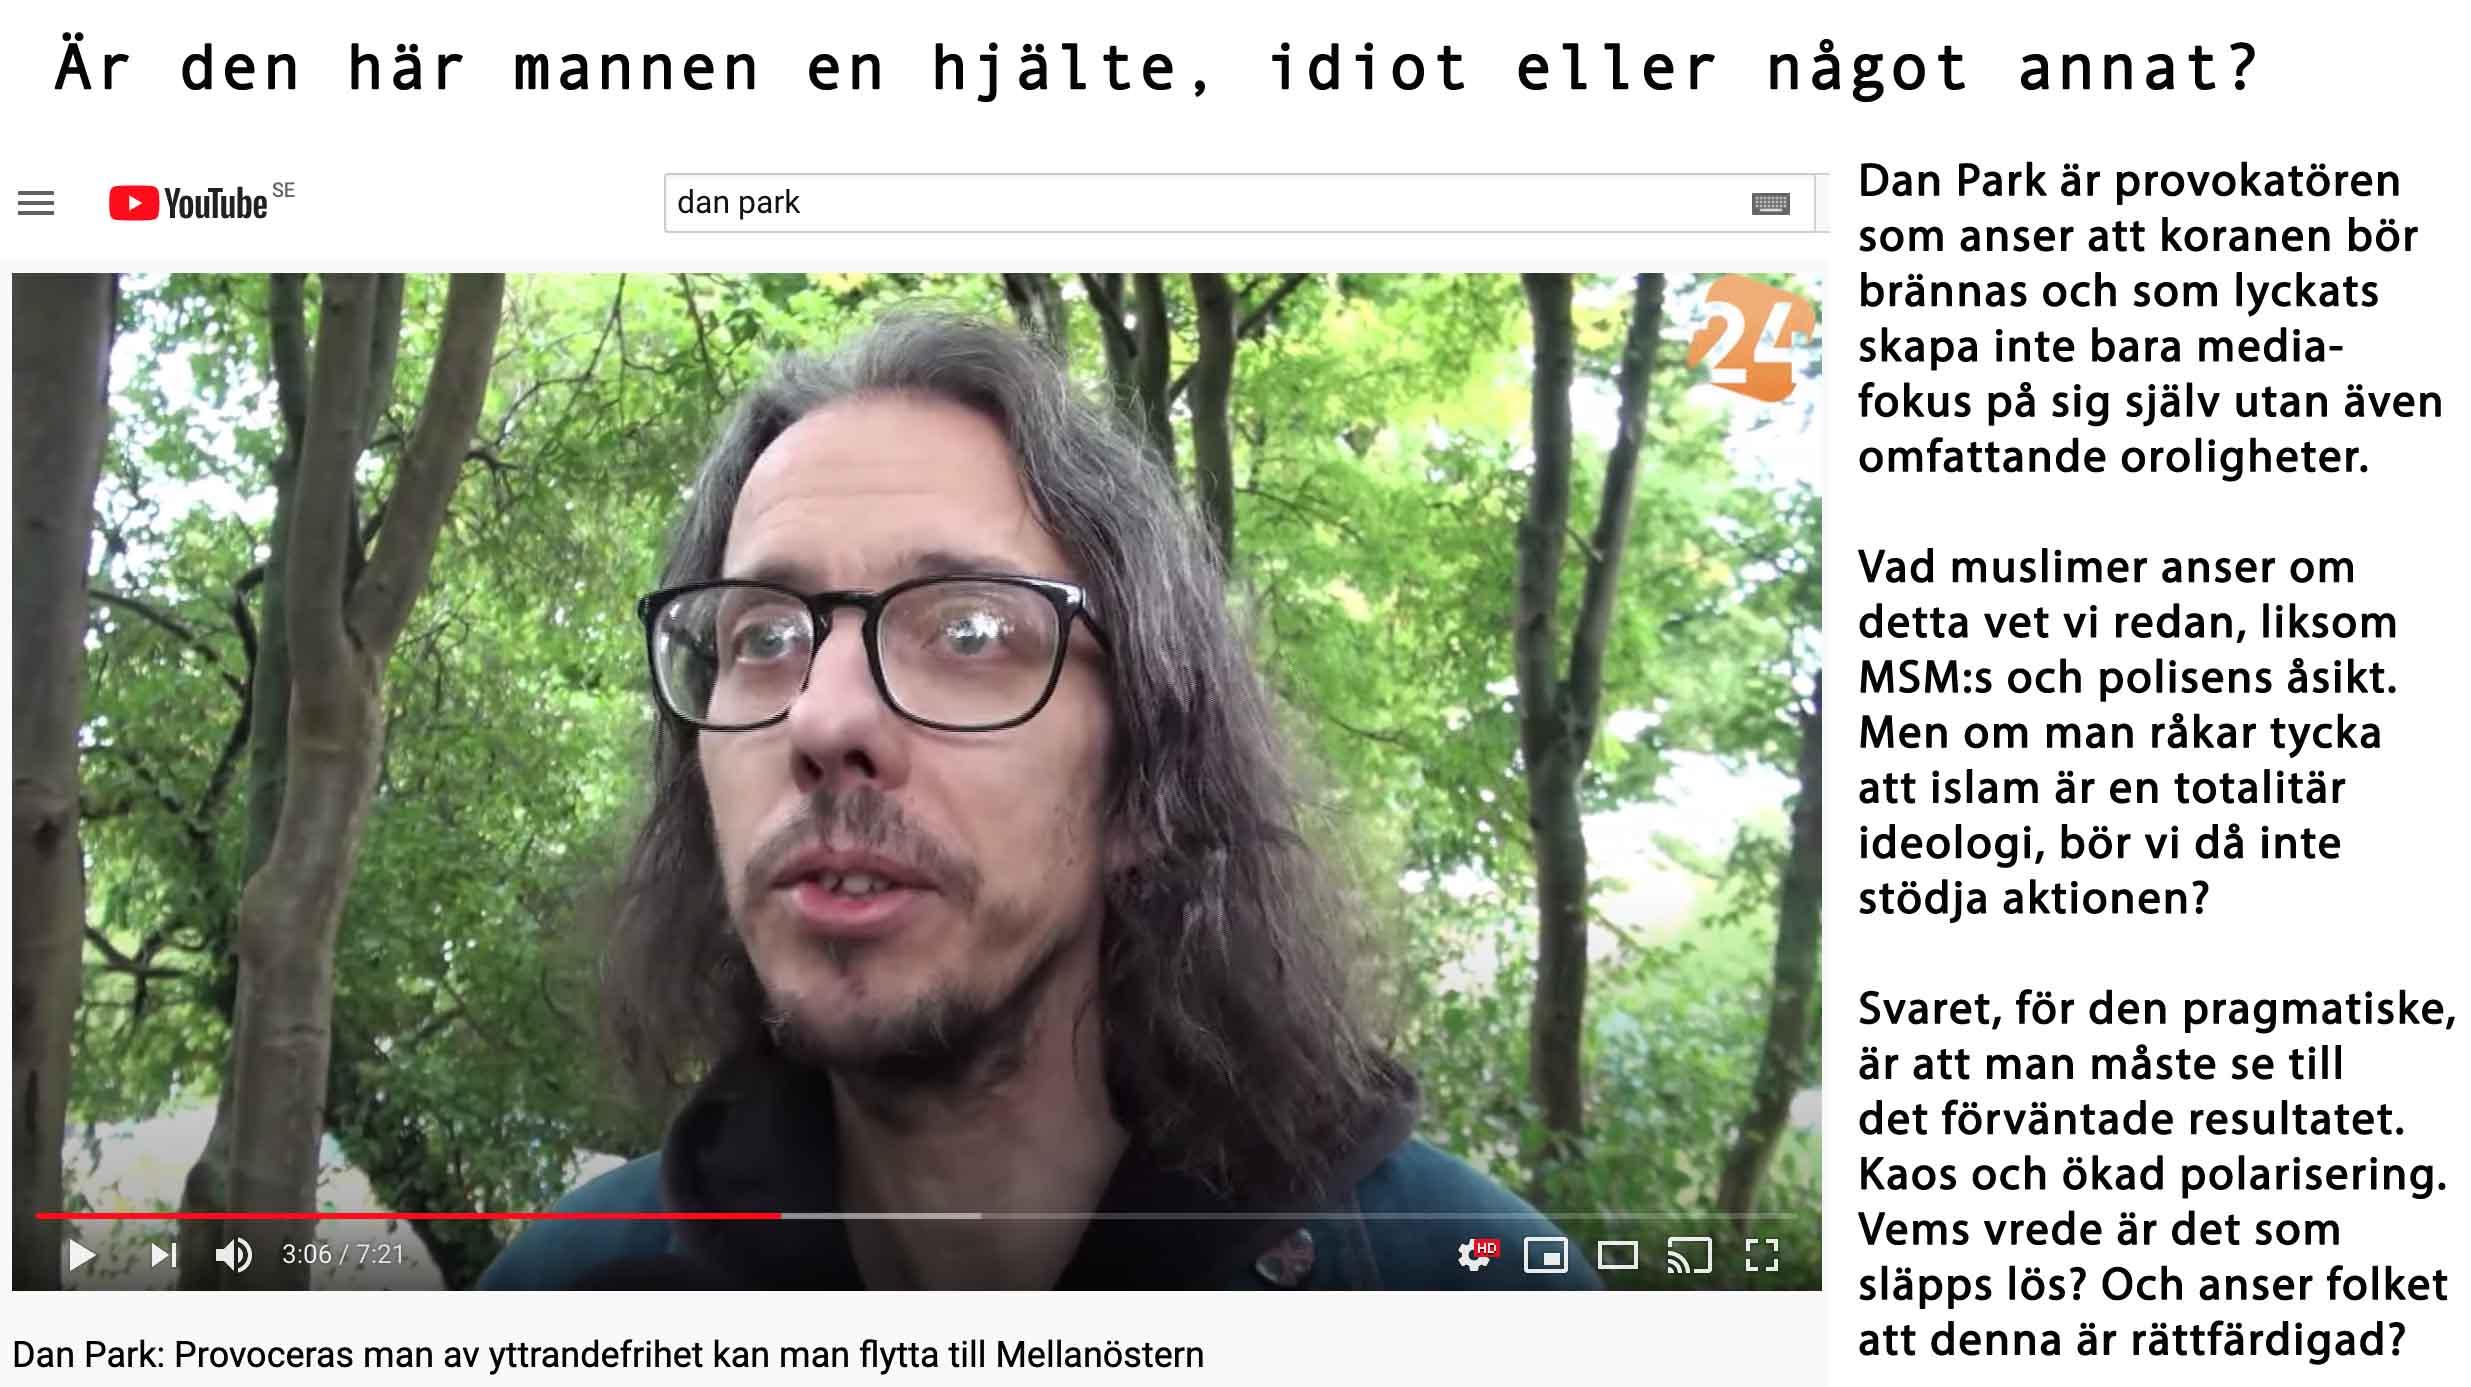 Är Dan Park Sveriges svar på van der Lubbe?